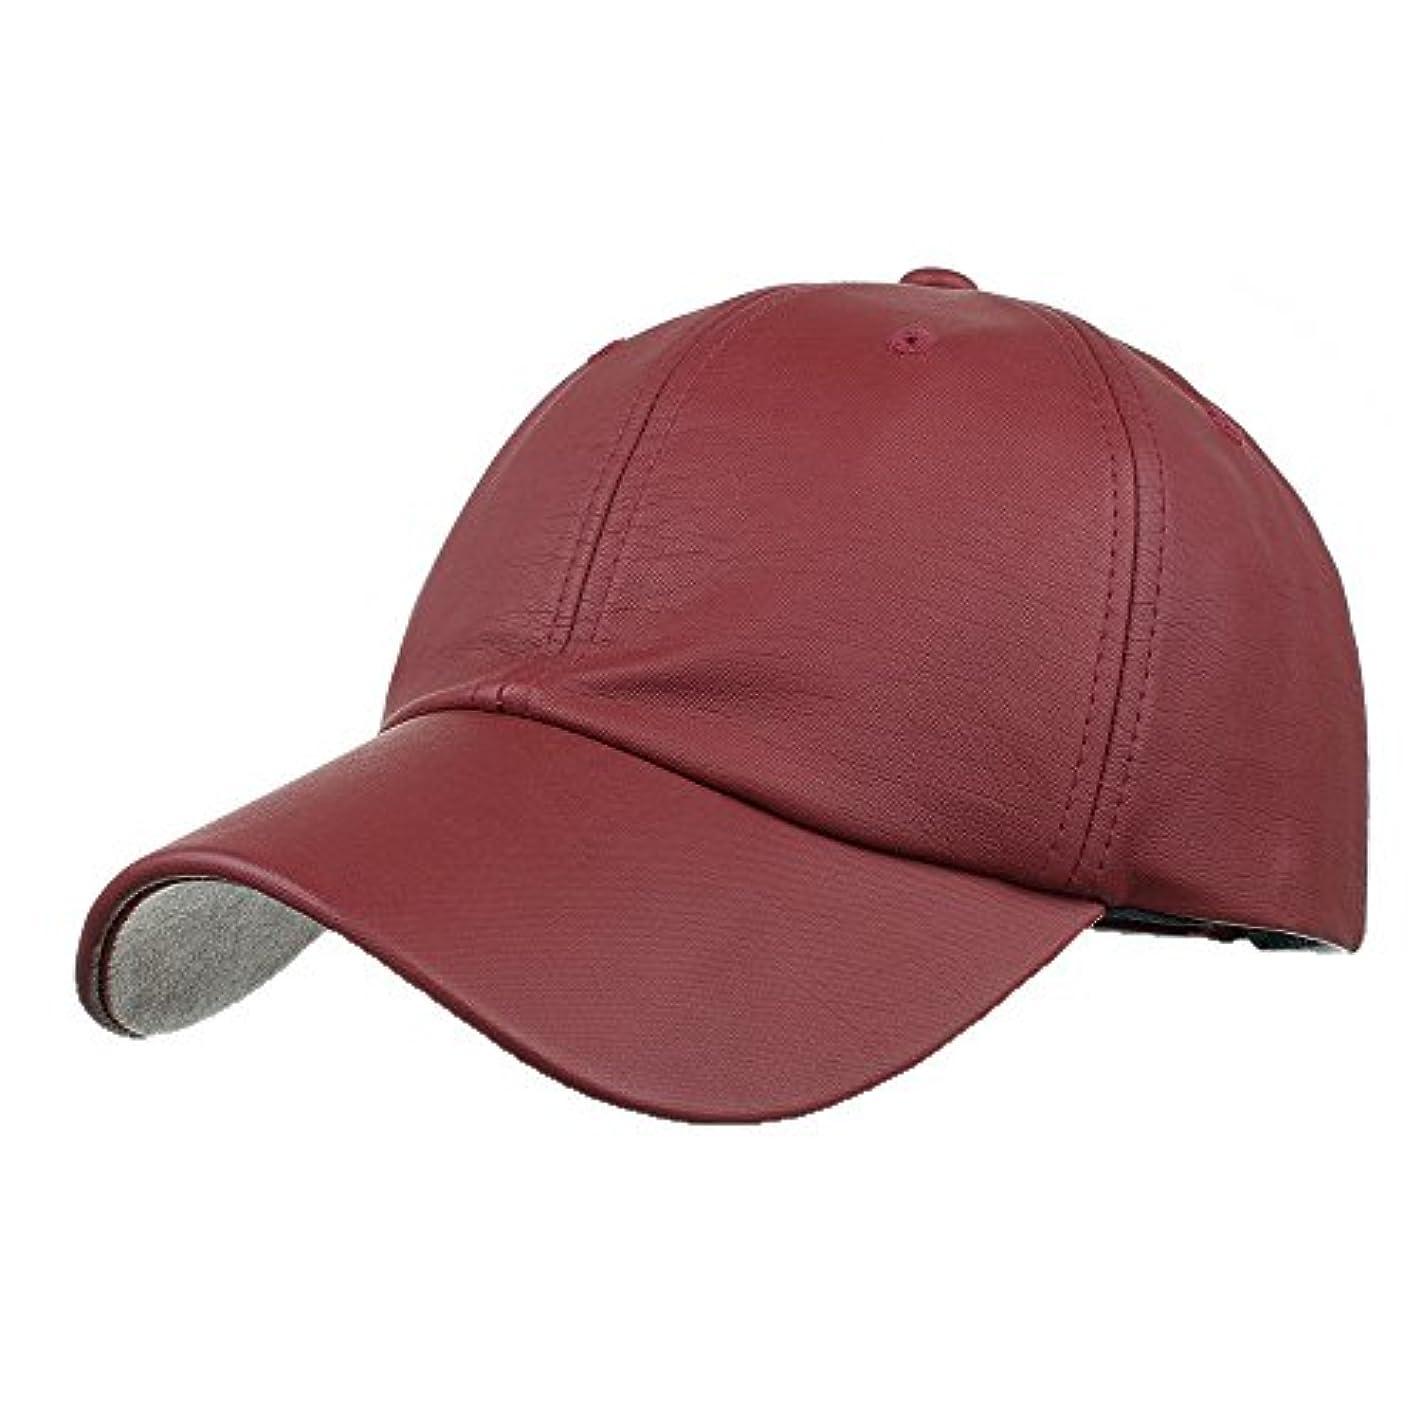 シャー金銭的な親Racazing Cap PU 無地 ヒップホップ 野球帽 通気性のある 帽子 夏 登山 可調整可能 棒球帽 UV 帽子 軽量 屋外 Unisex Hat (ワイン)